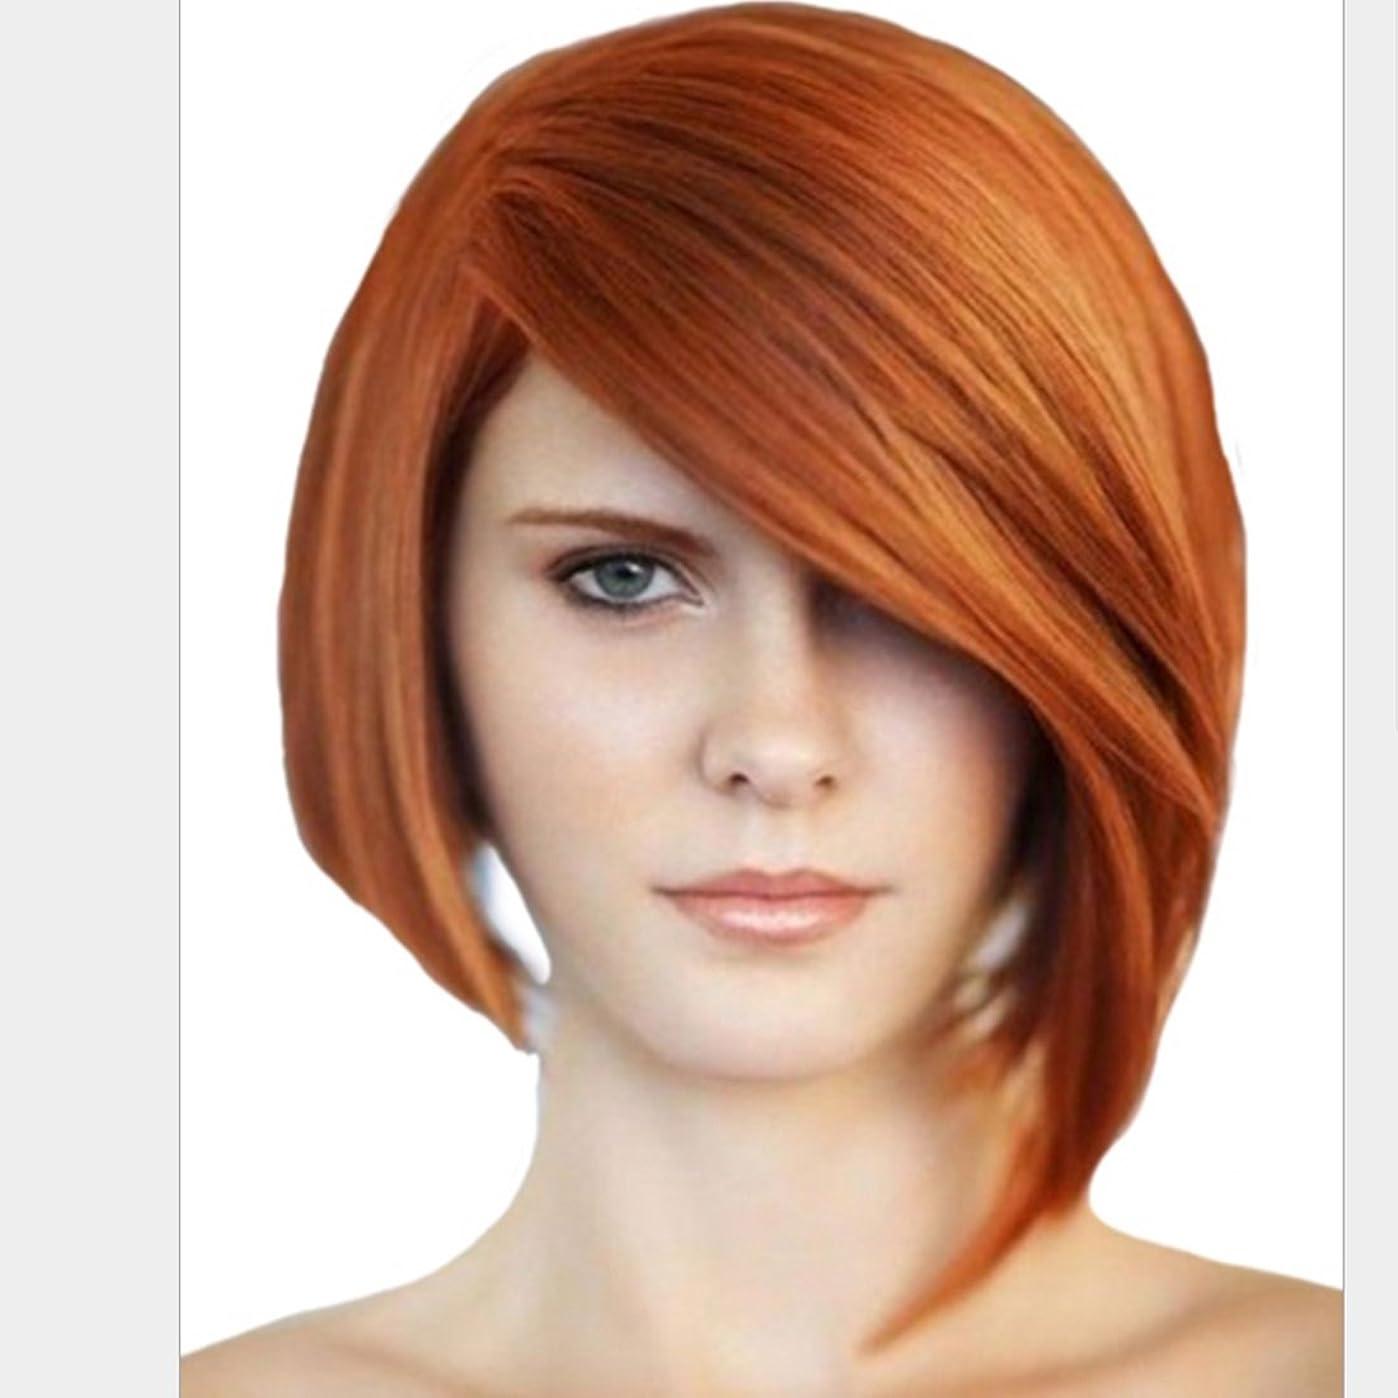 偏見ストレッチ反対にYESONEEP 女性のための化学繊維ゴールドかつら斜めの髪飾り付きストレートヘアヘアヘッド白人女性のための抵抗性のかつら8インチのかつら (Color : 金色)